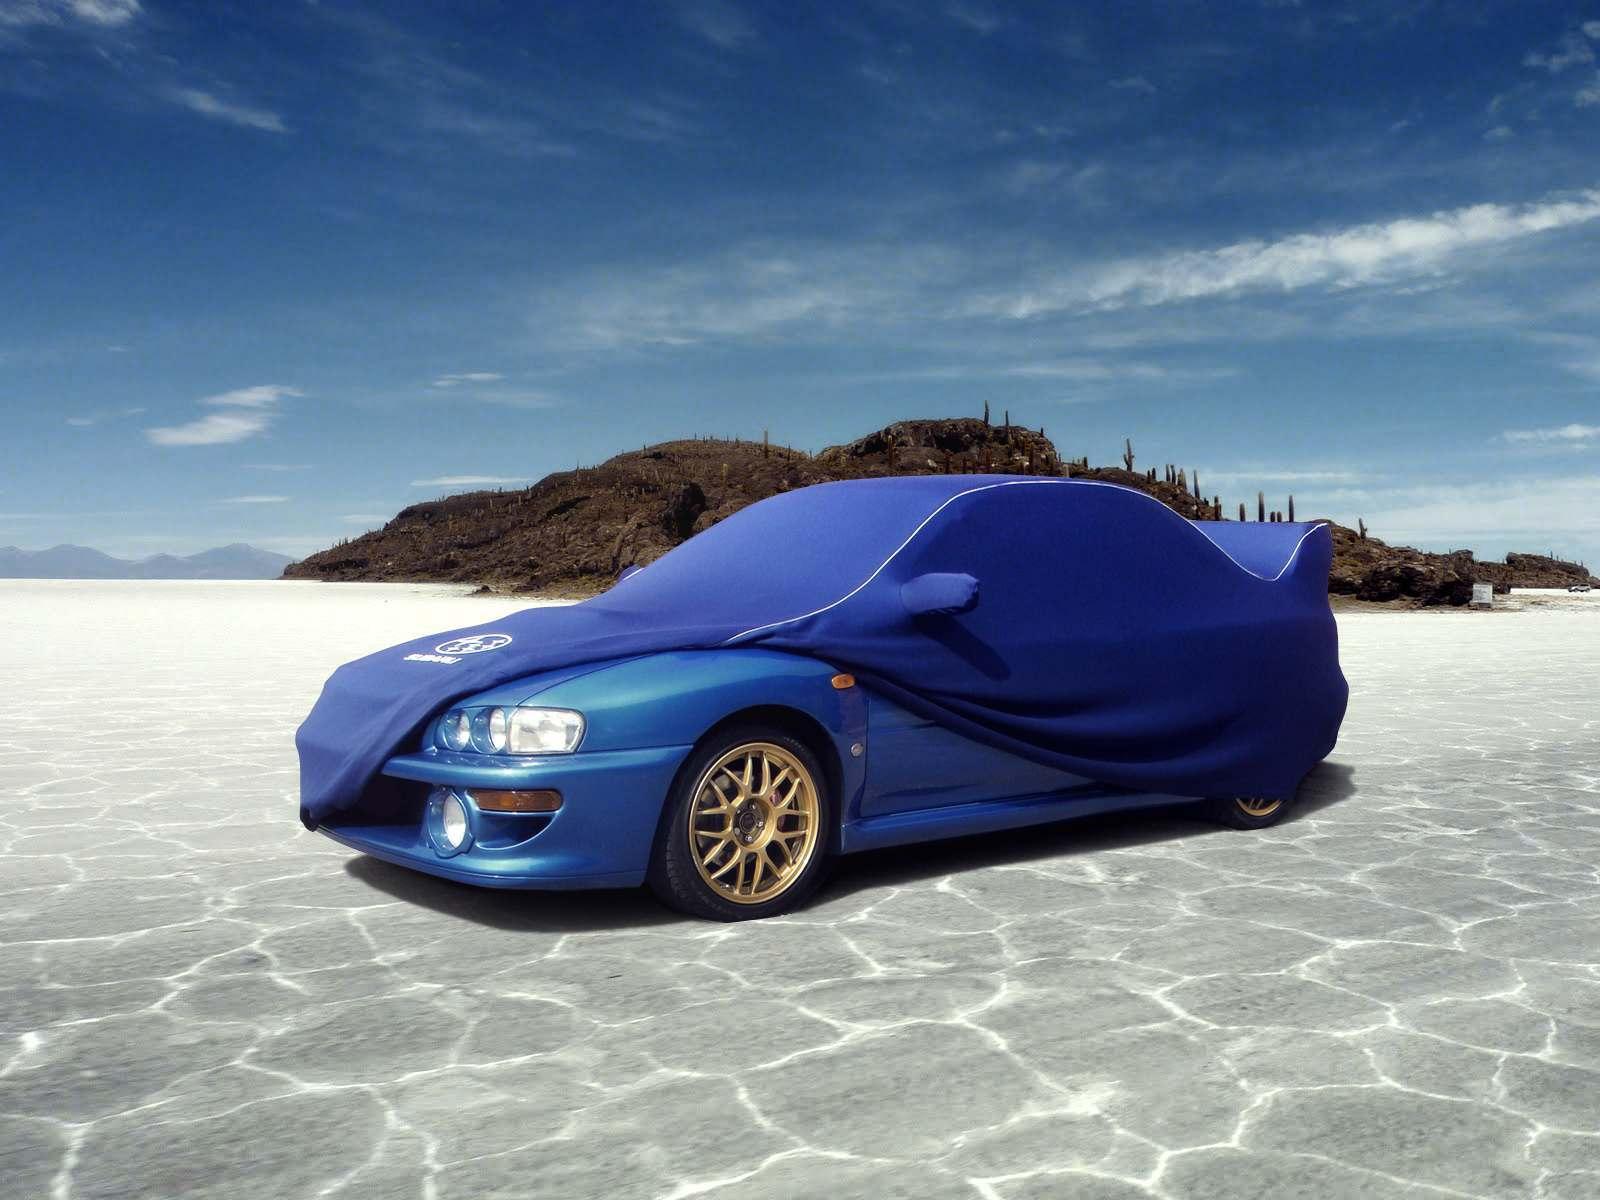 Subaru in blue